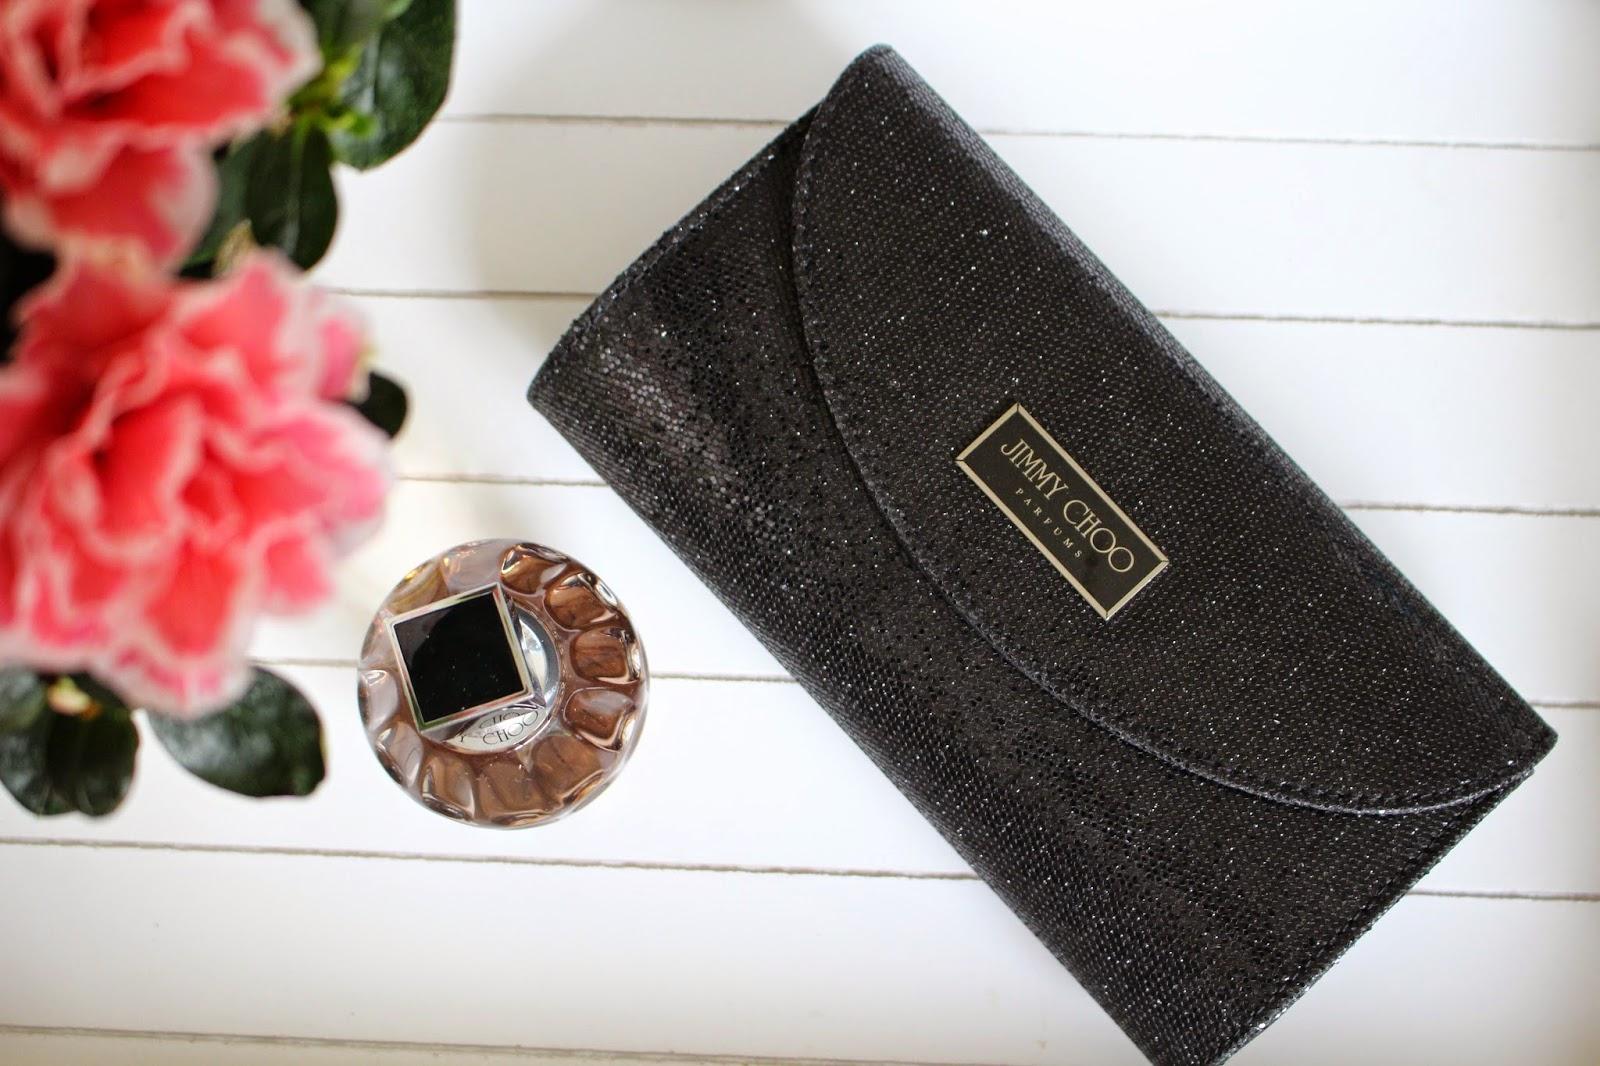 c20e344352 Jimmy Choo Perfume Review - Fashion Mumblr